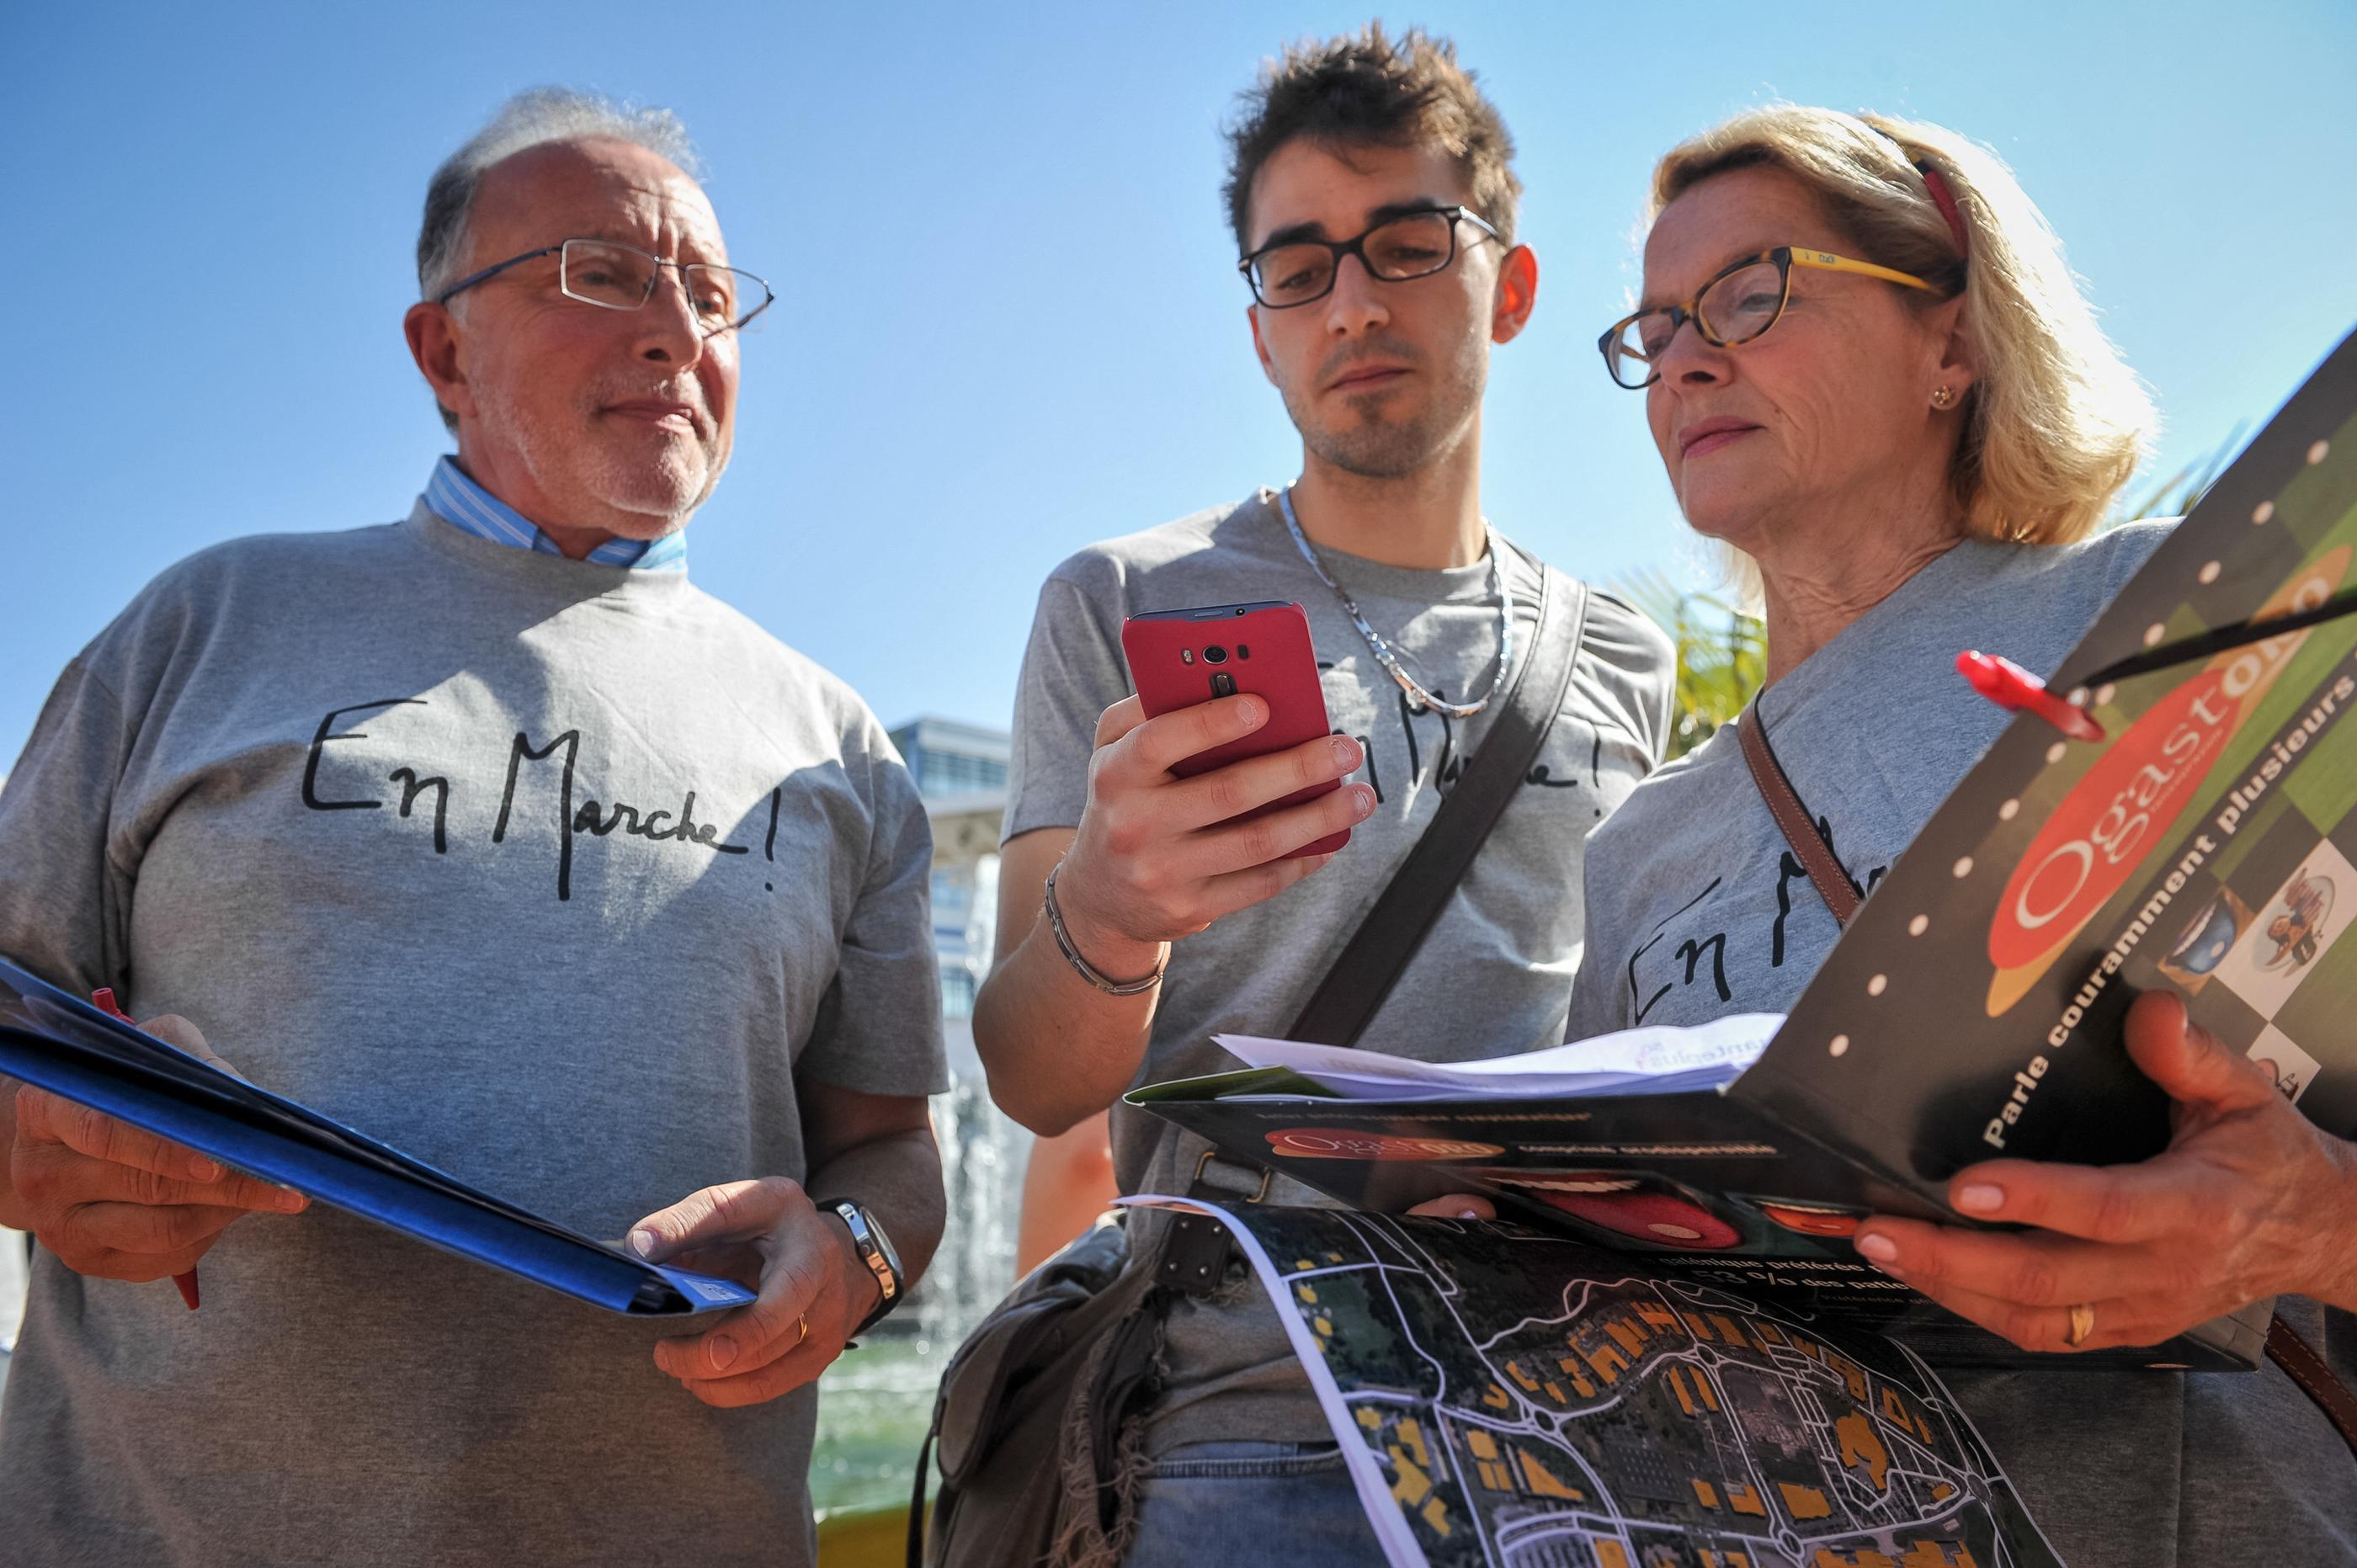 Un grand nombre de candidats utilisent désormais des logiciels de cartographie et de bases de données pour peaufiner leurs arguments et fair